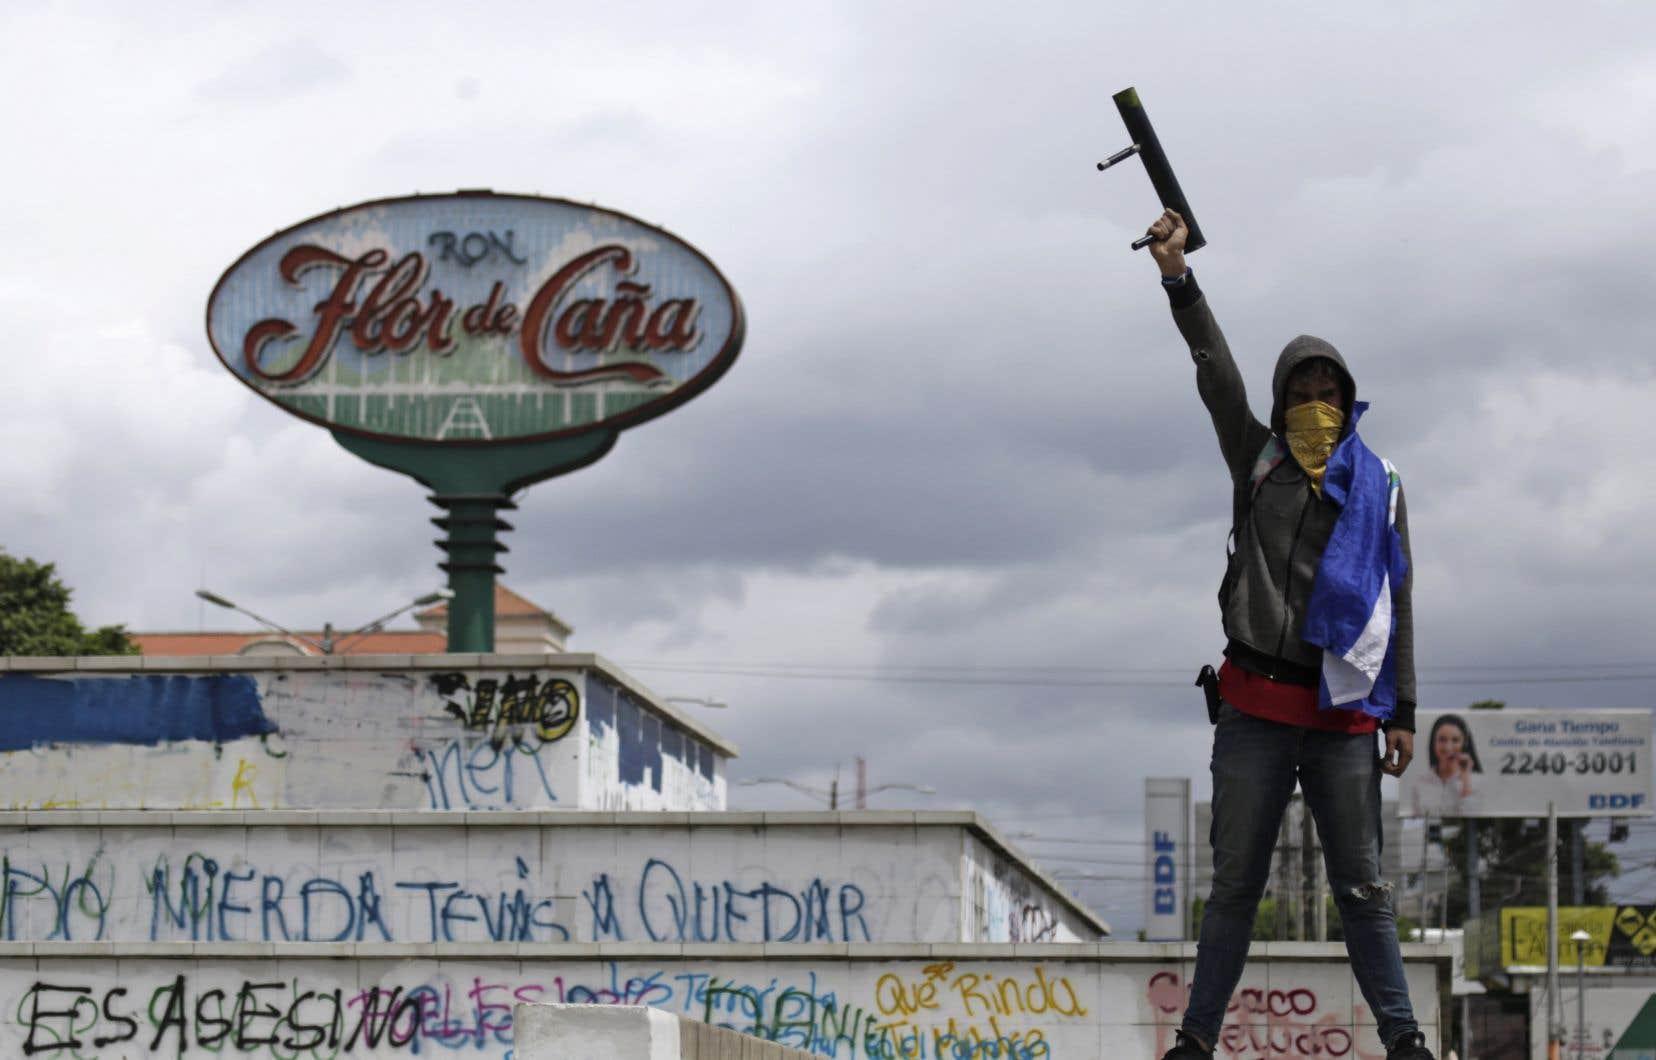 Le président Daniel Ortega est confronté à des manifestations de l'opposition réclamant sa démission. La répression de ces rassemblements aurait fait plus de 300 morts depuis avril.